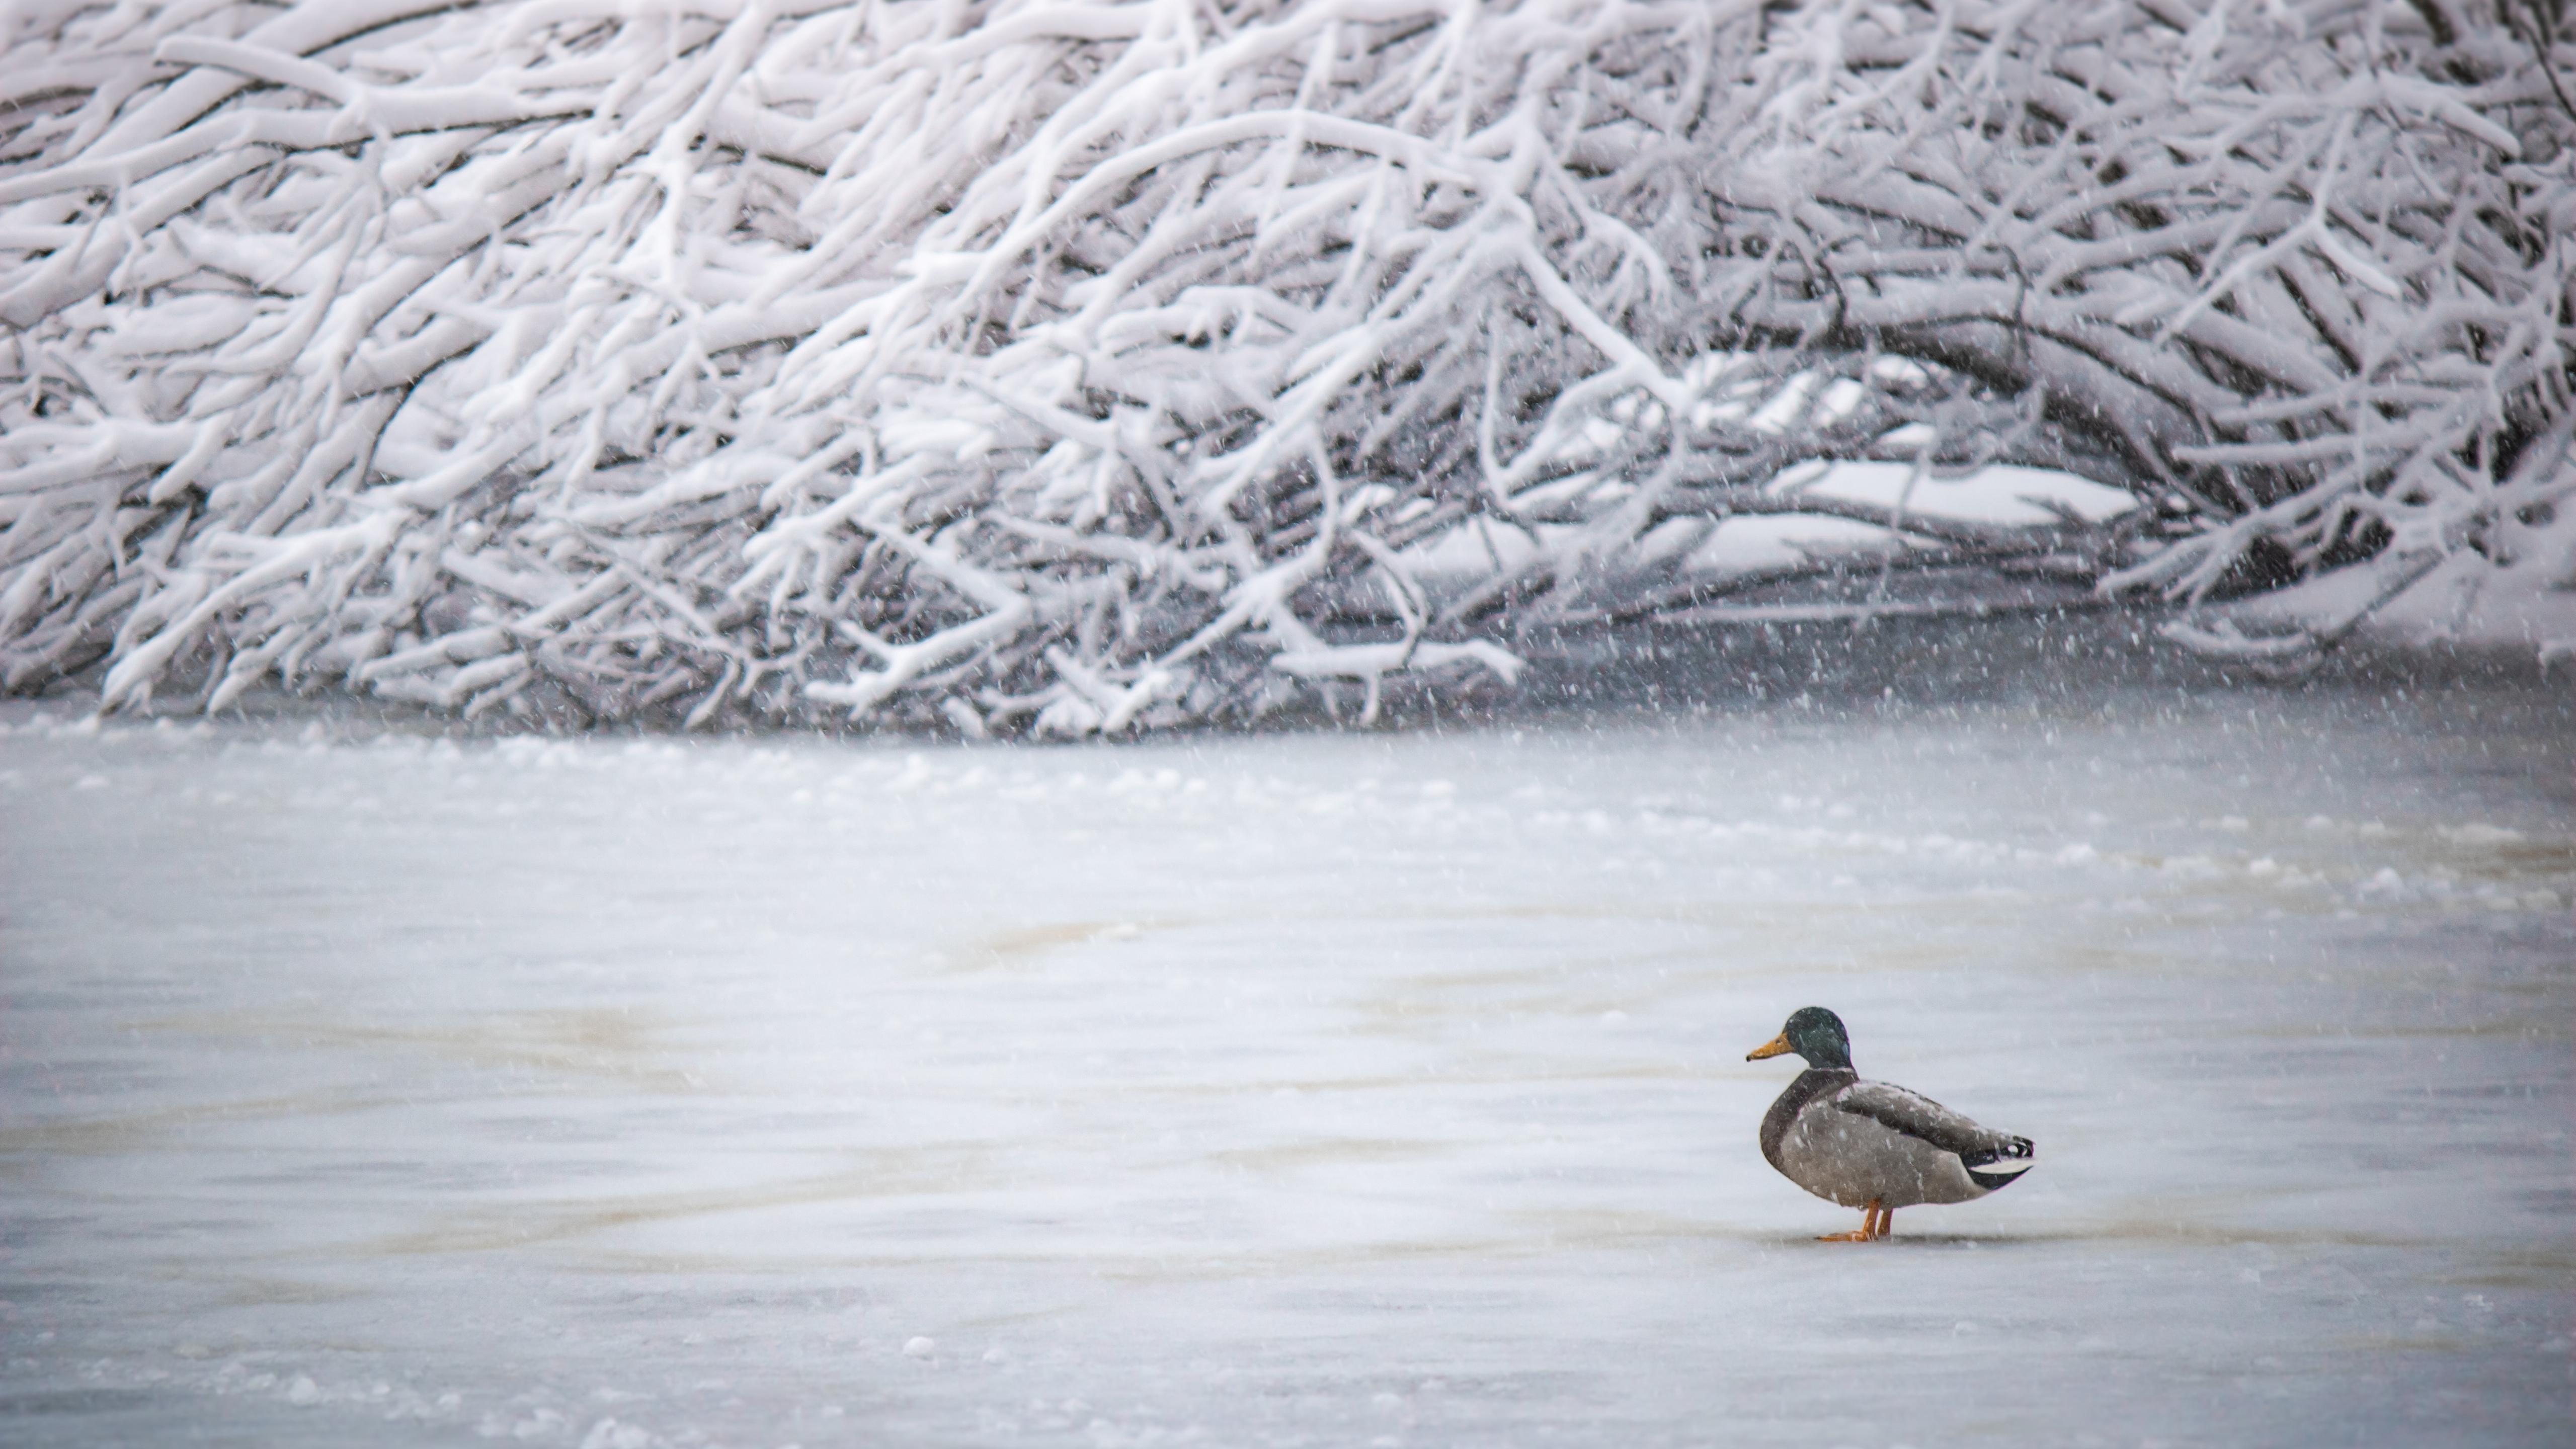 duck-in-winter-5k-99.jpg